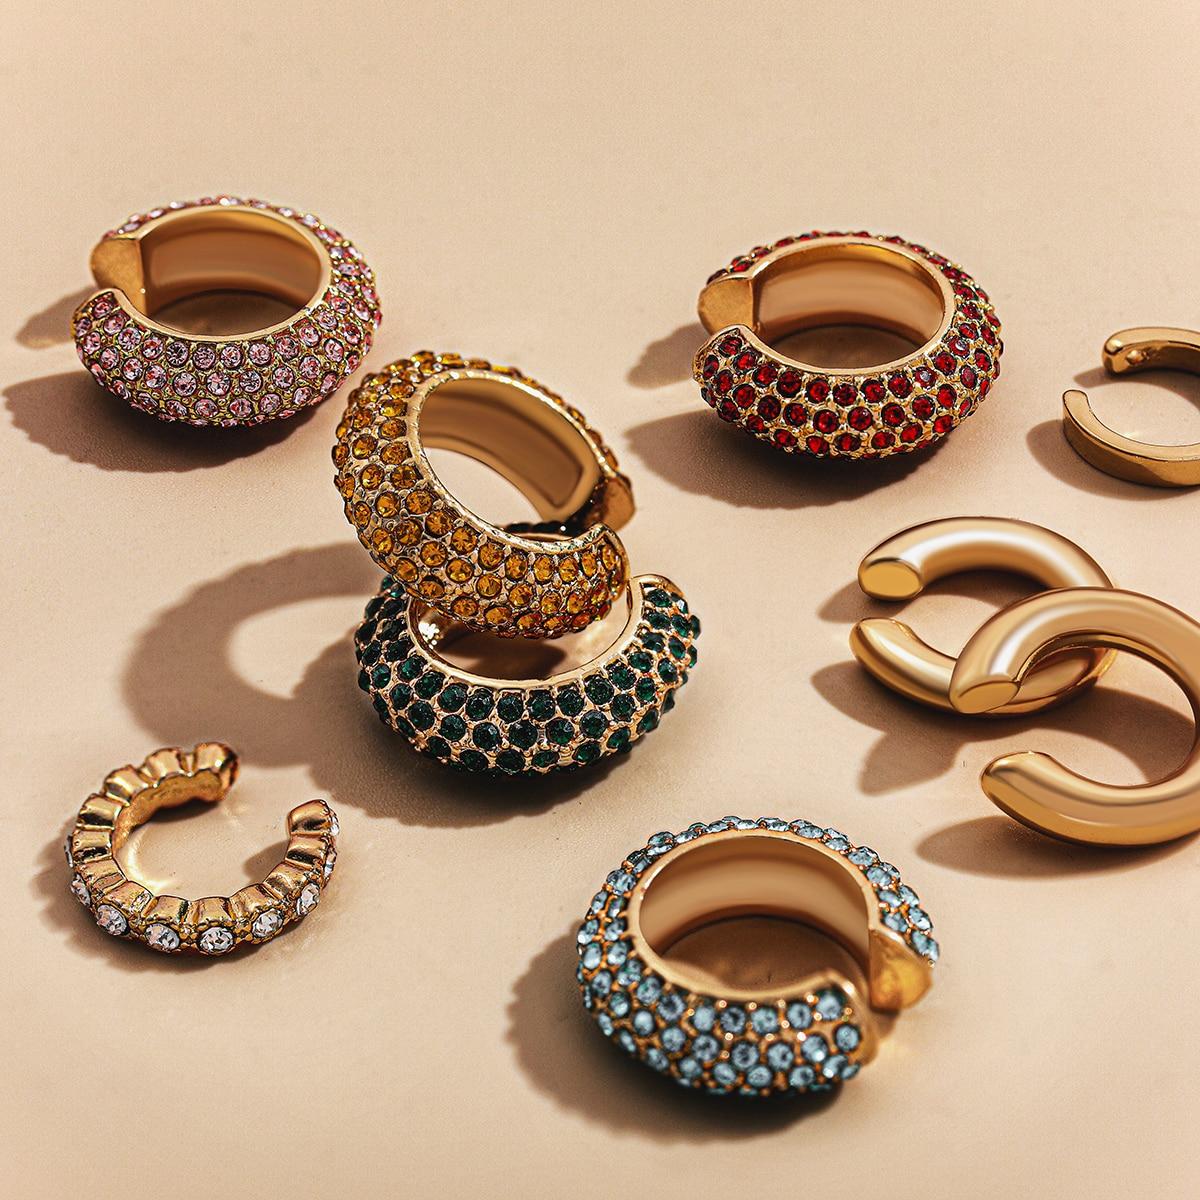 Pendientes bohemios de cristal para mujer, Arete Multicolor en forma de C, pendiente pequeño sin perforaciones, pendiente de boda, joyería